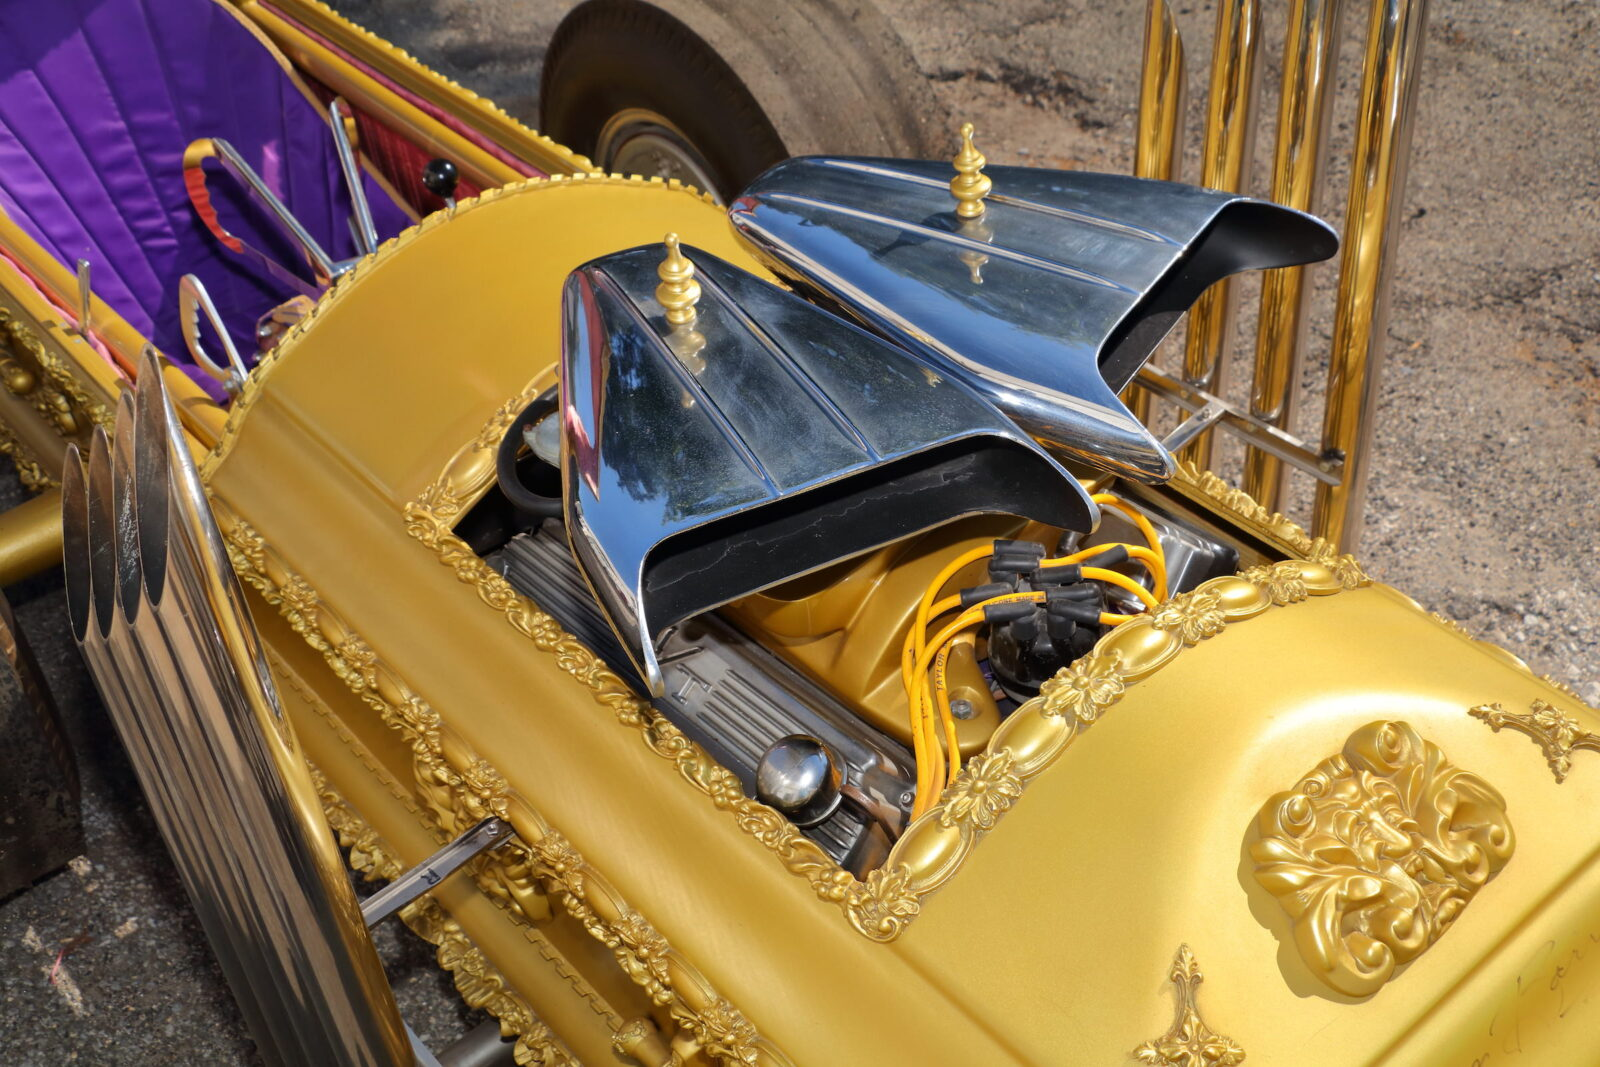 hight resolution of drag u la munster drag car v8 engine